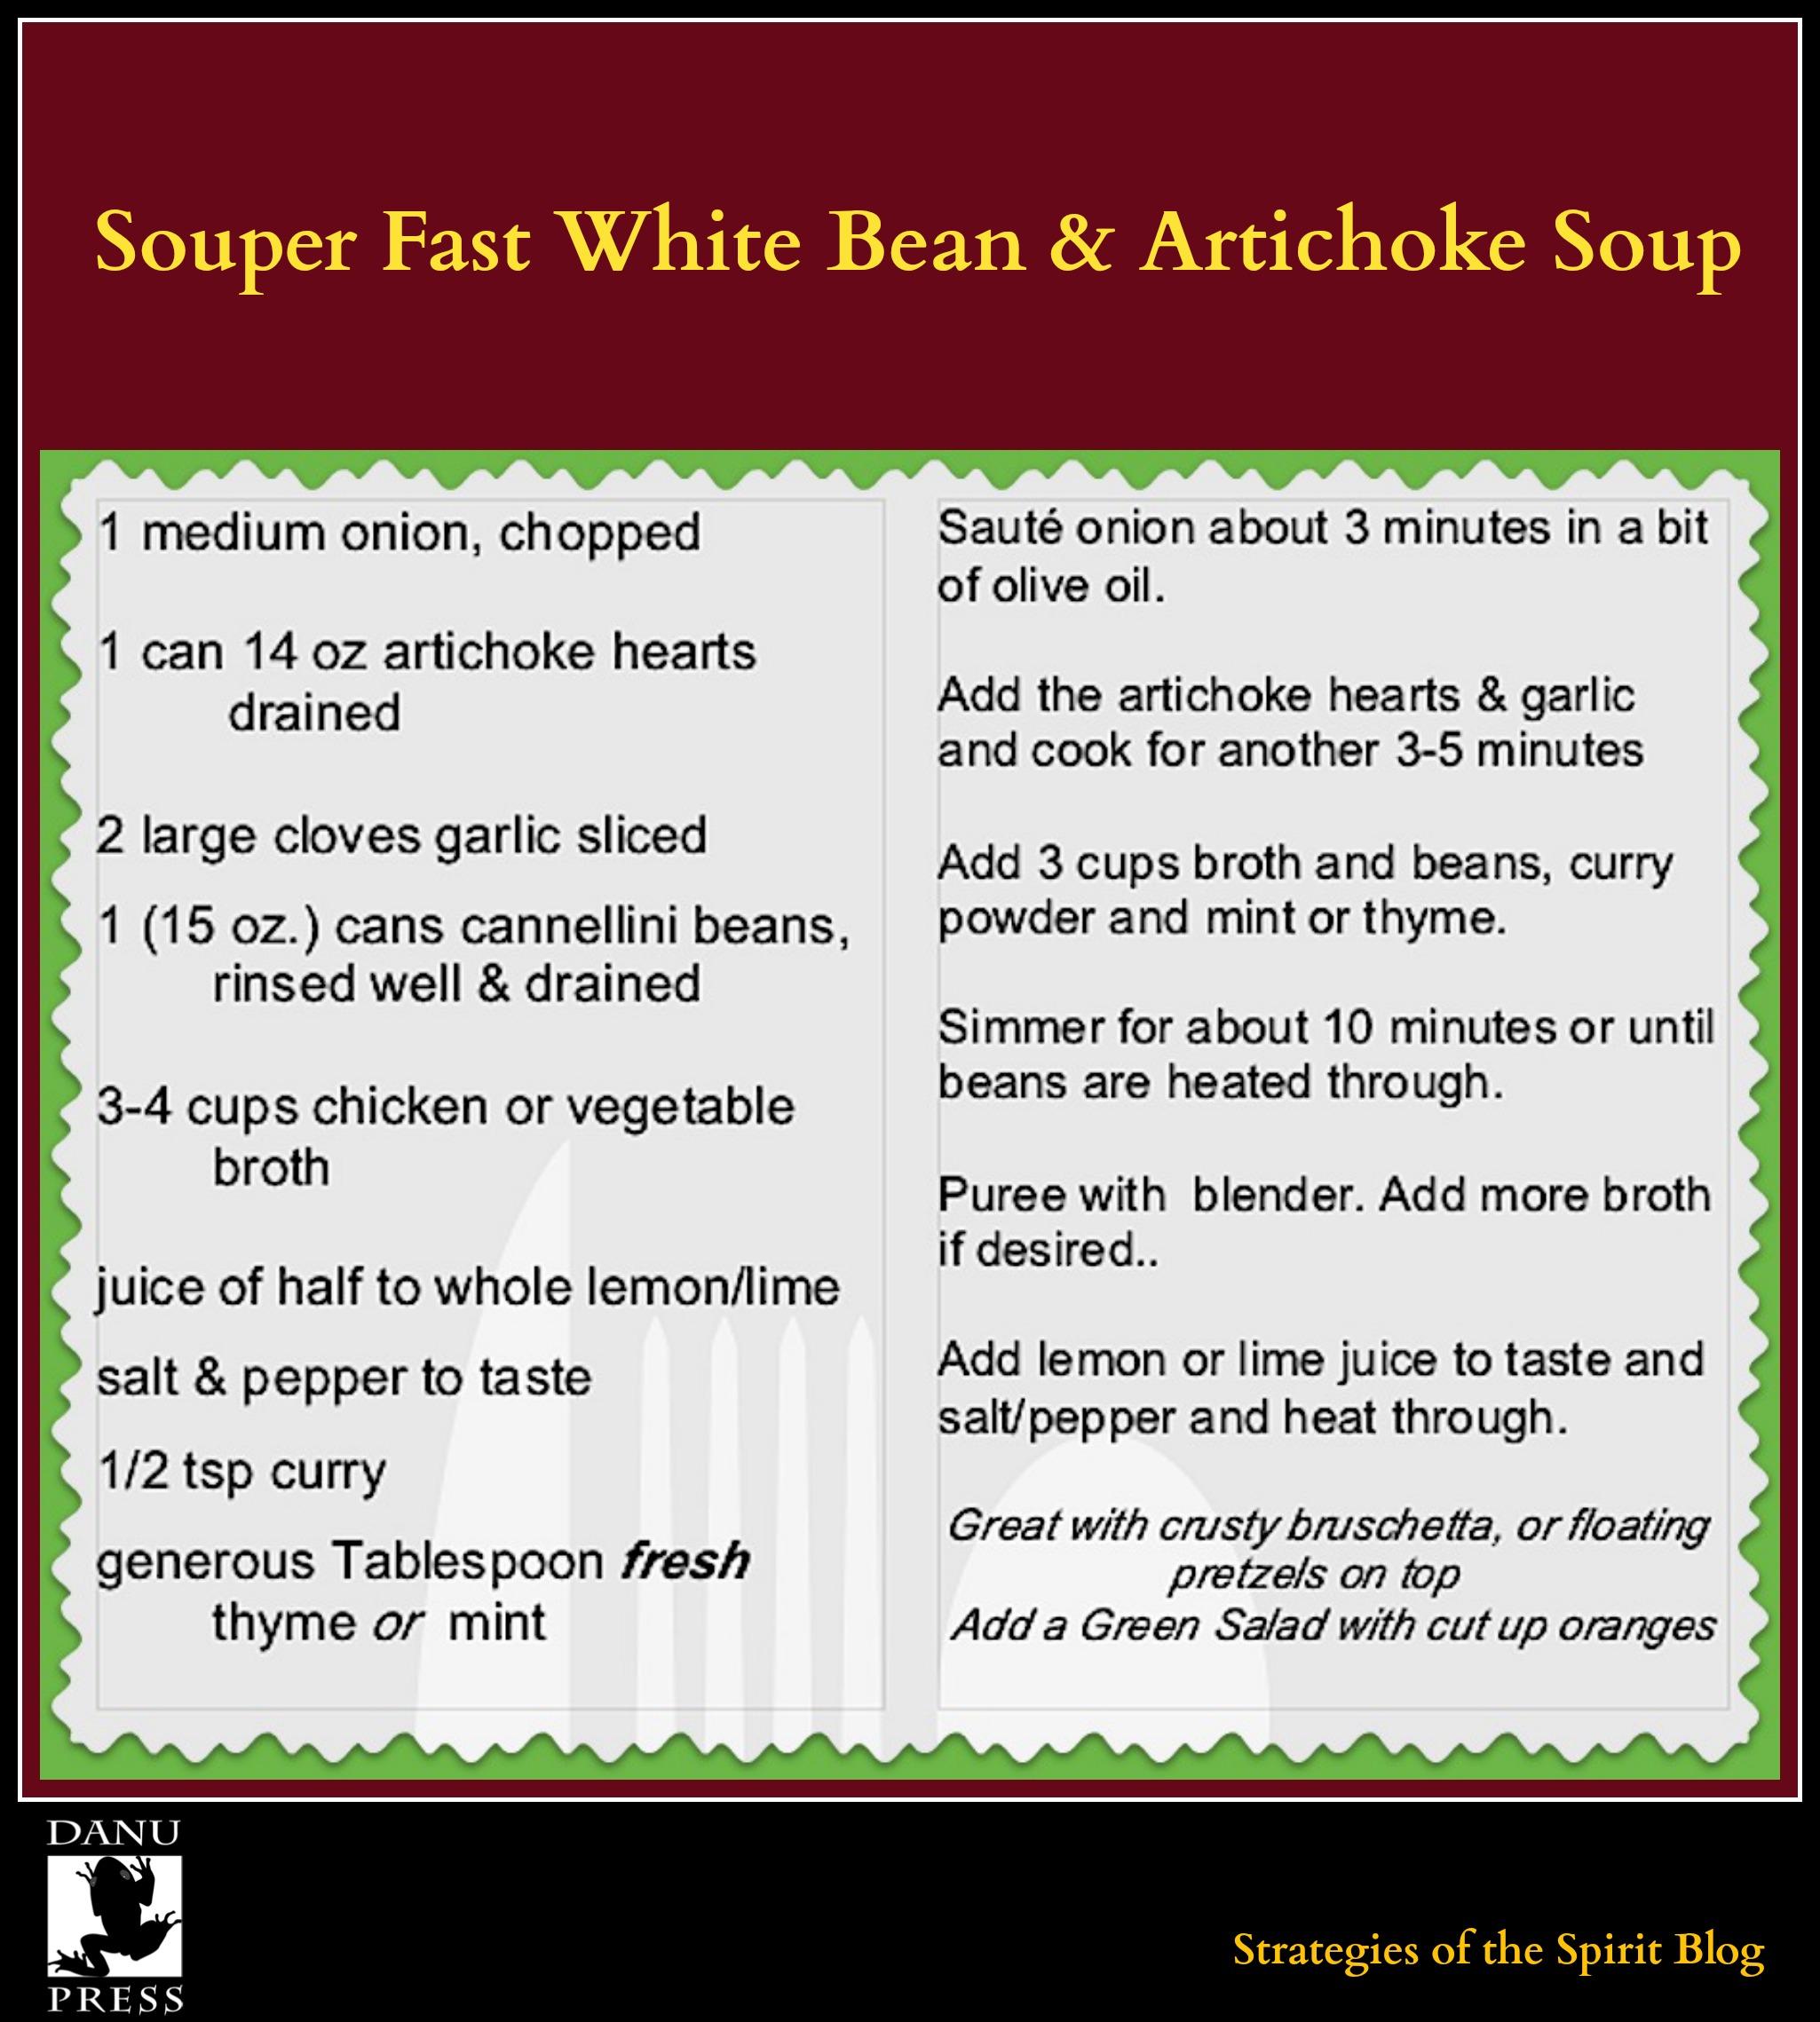 Souper Fast White Bean soup